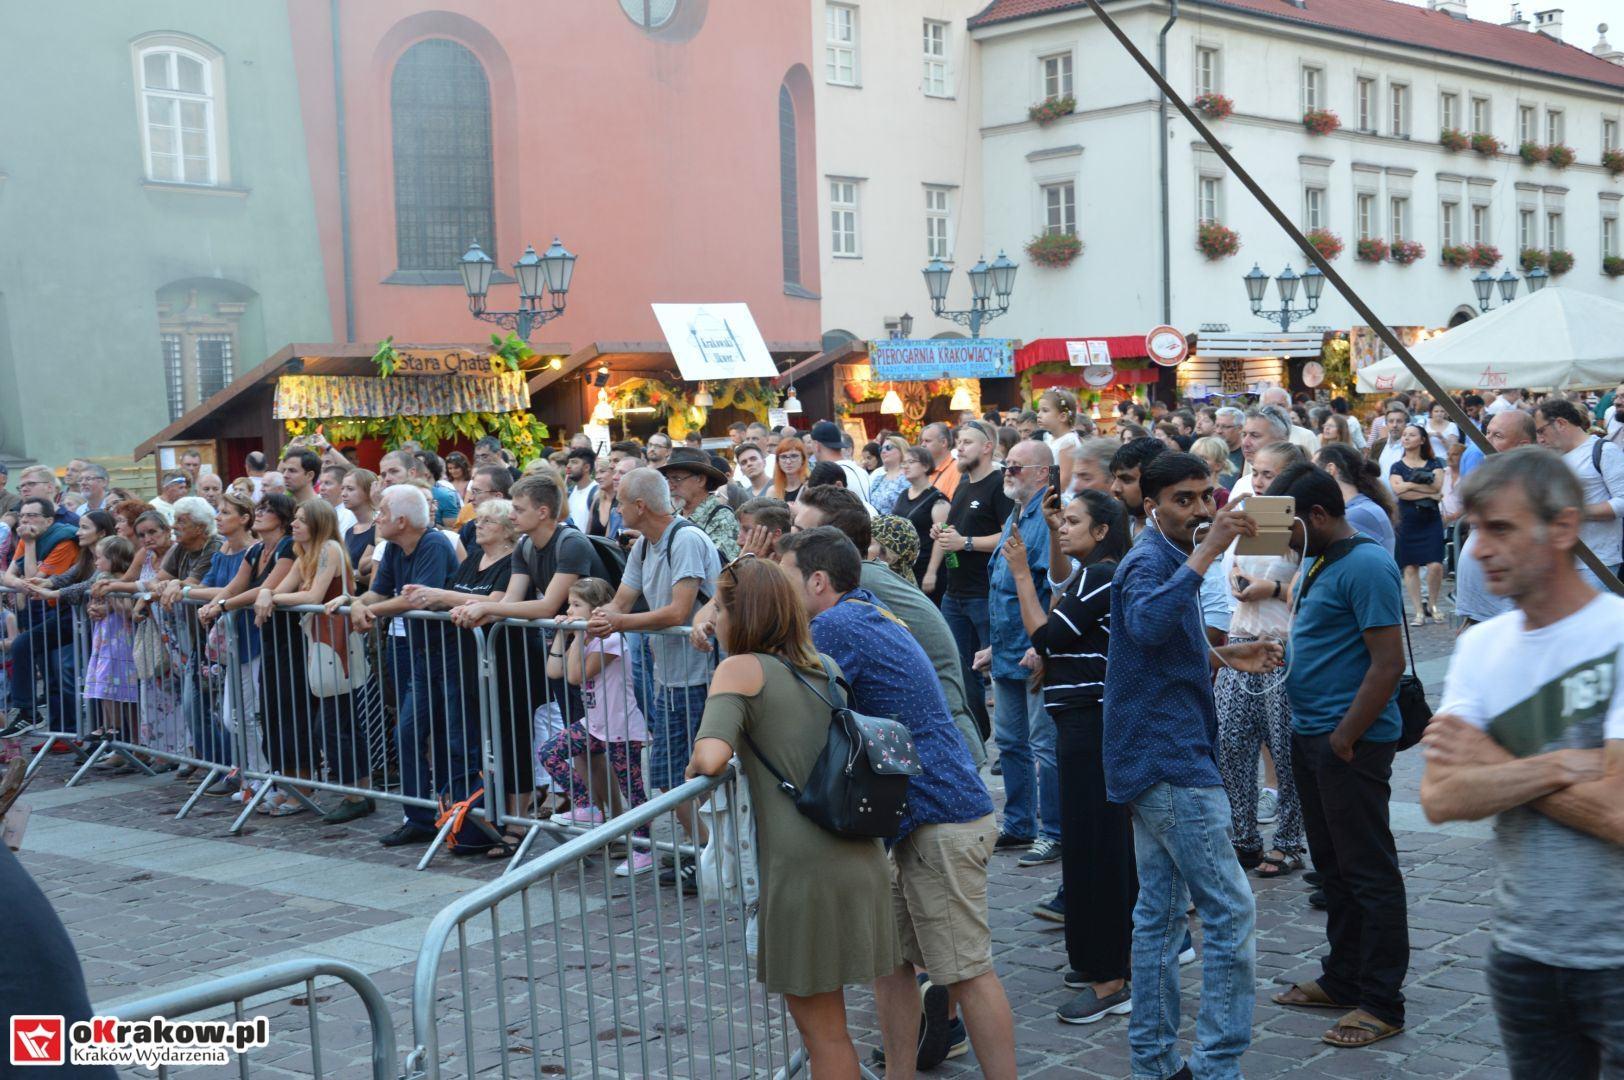 krakow festiwal pierogow maly rynek koncert cheap tobacco 166 150x150 - Galeria zdjęć Festiwal Pierogów Kraków 2018 + zdjęcia z koncertu Cheap Tobacco